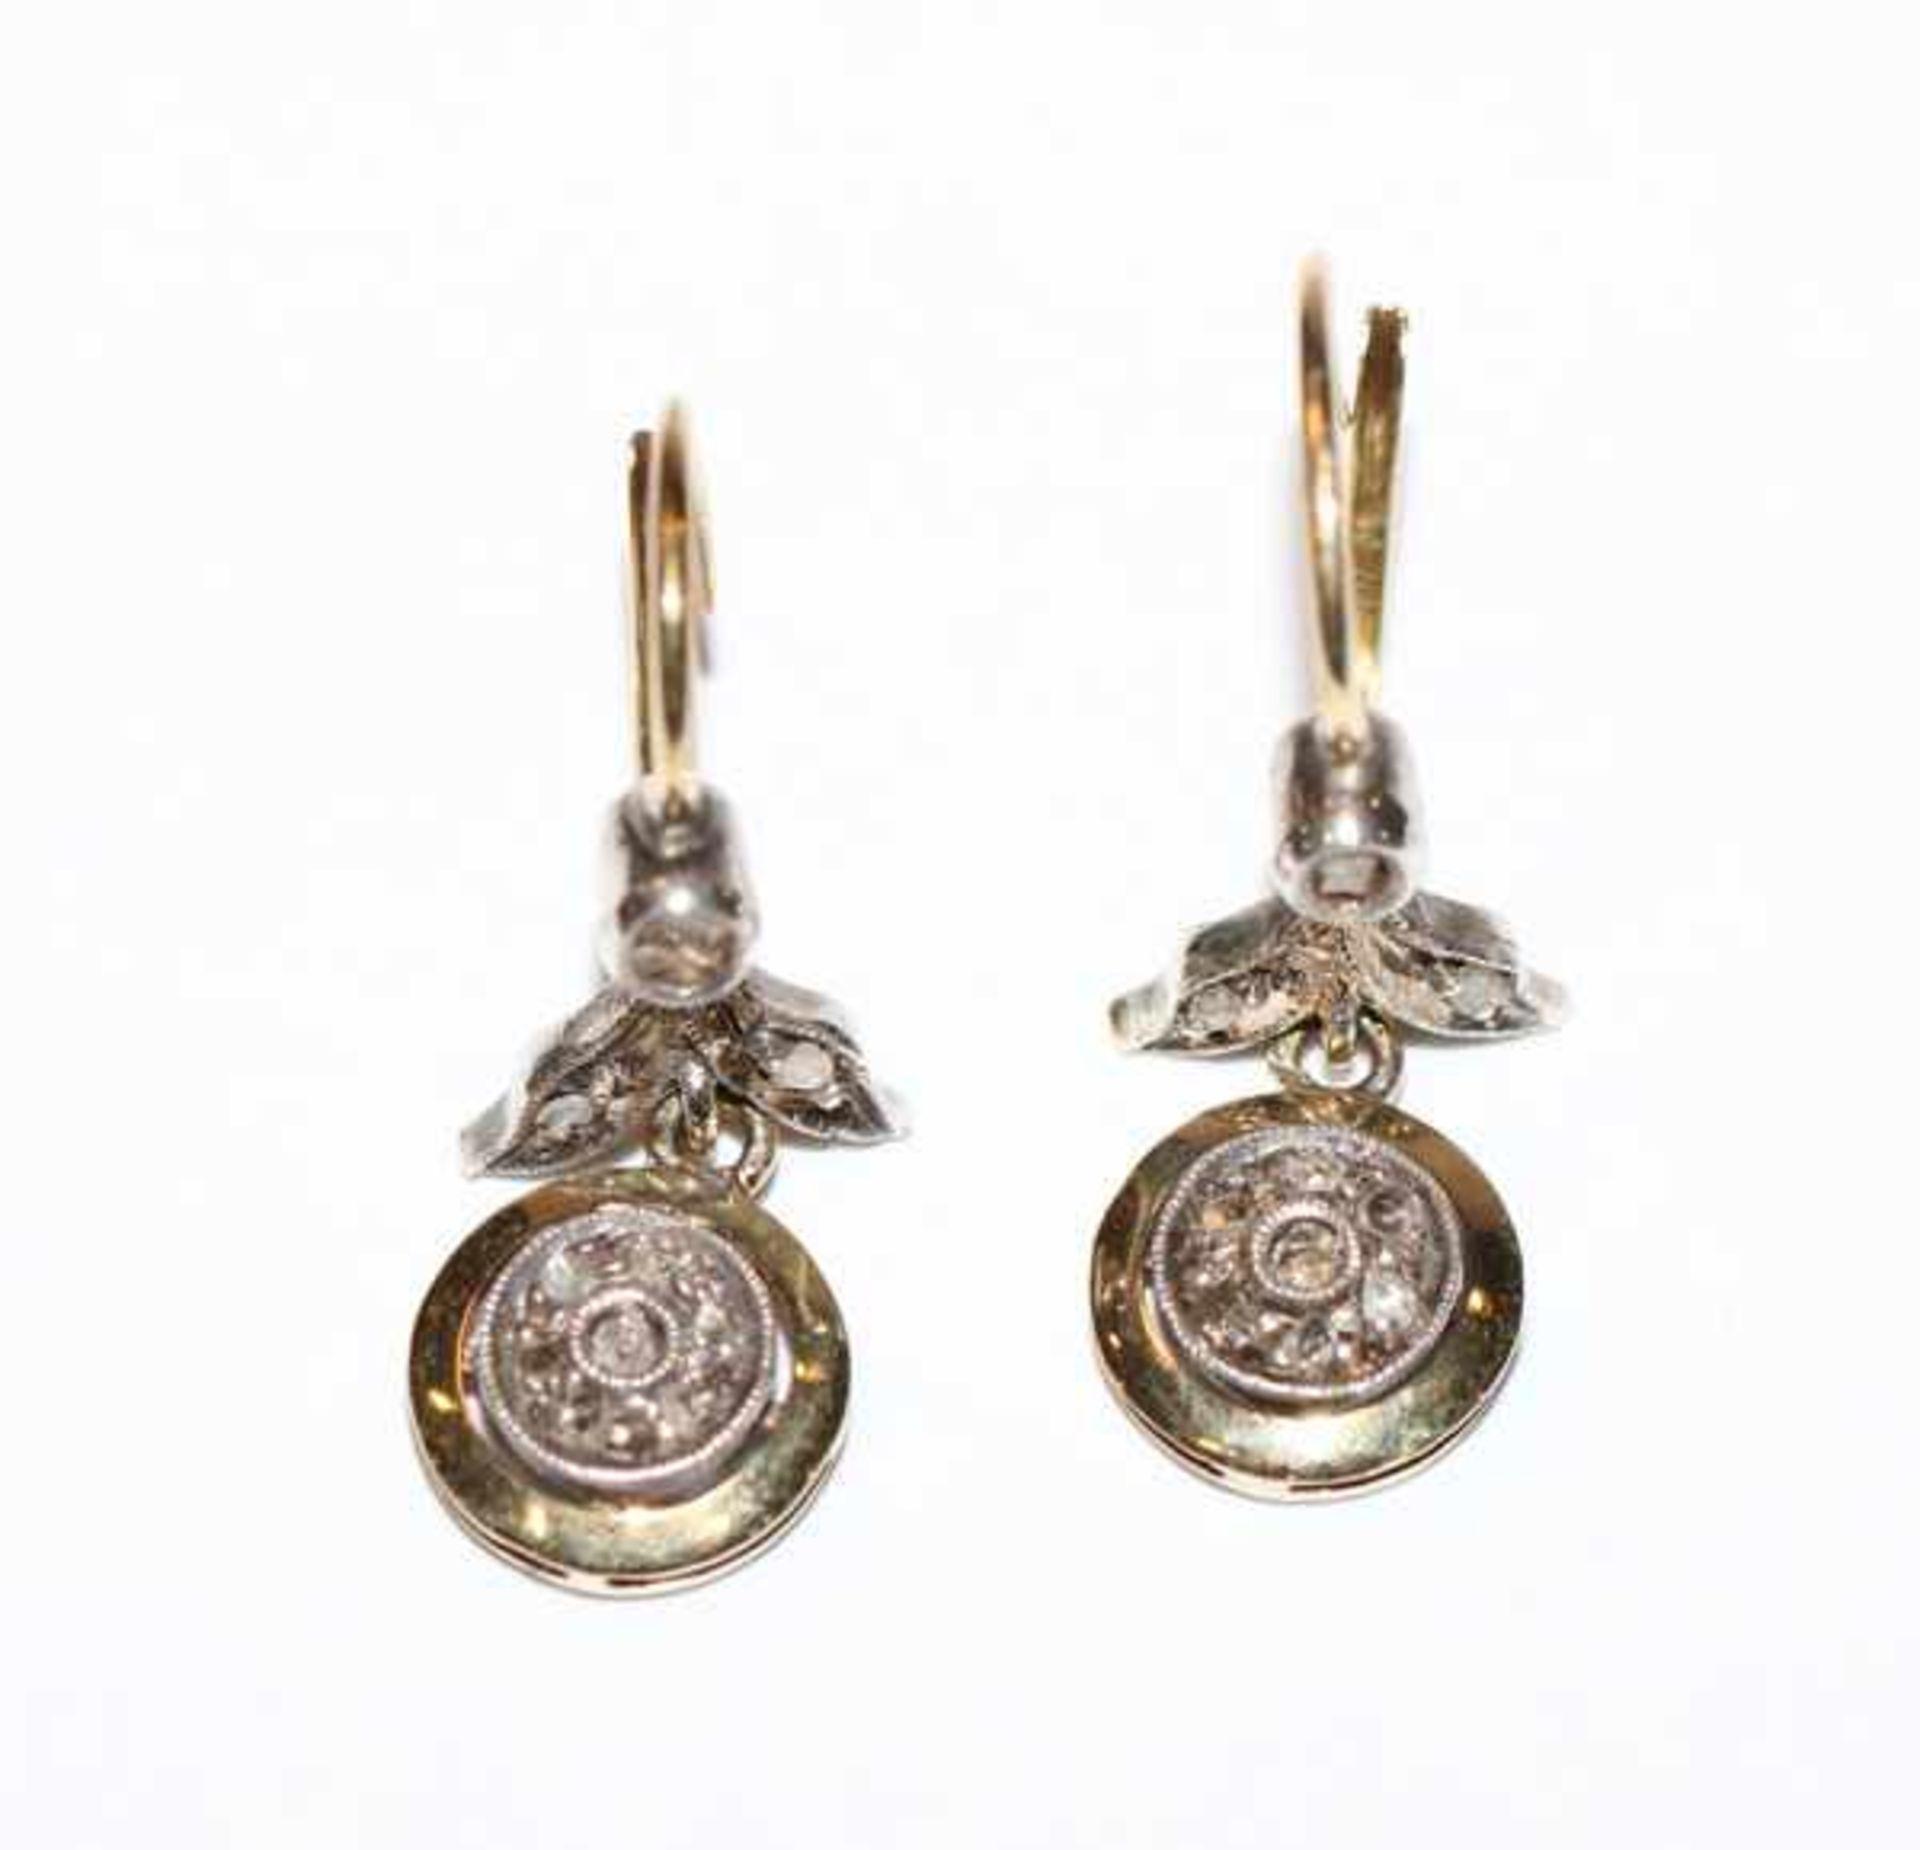 Paar 14 k Gelbgold Ohrhänger mit zus. ca. 0,20 ct. Diamanten, schöne Handarbeit, L 2,5 cm